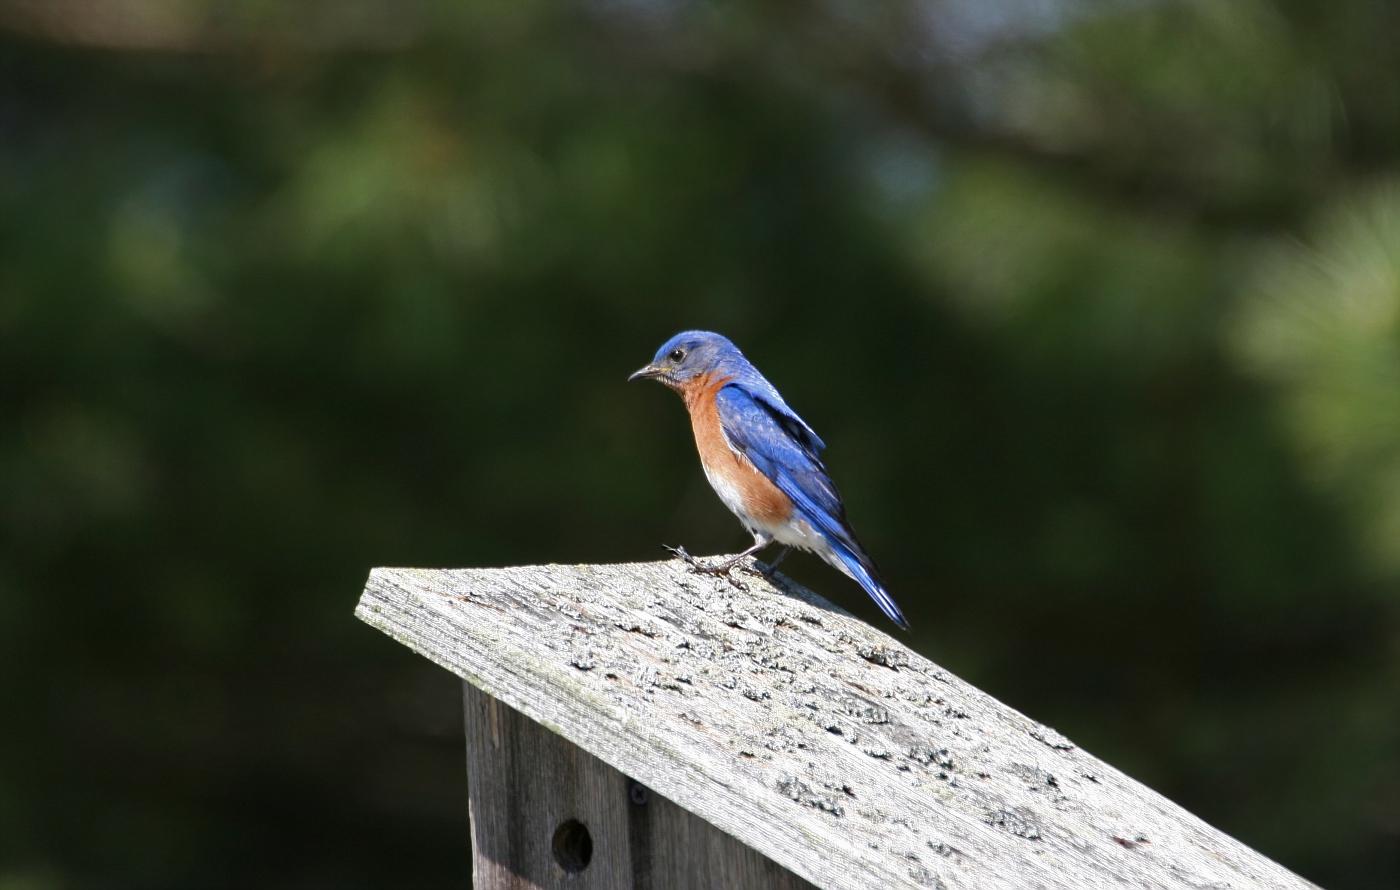 Male Eastern Bluebird #3